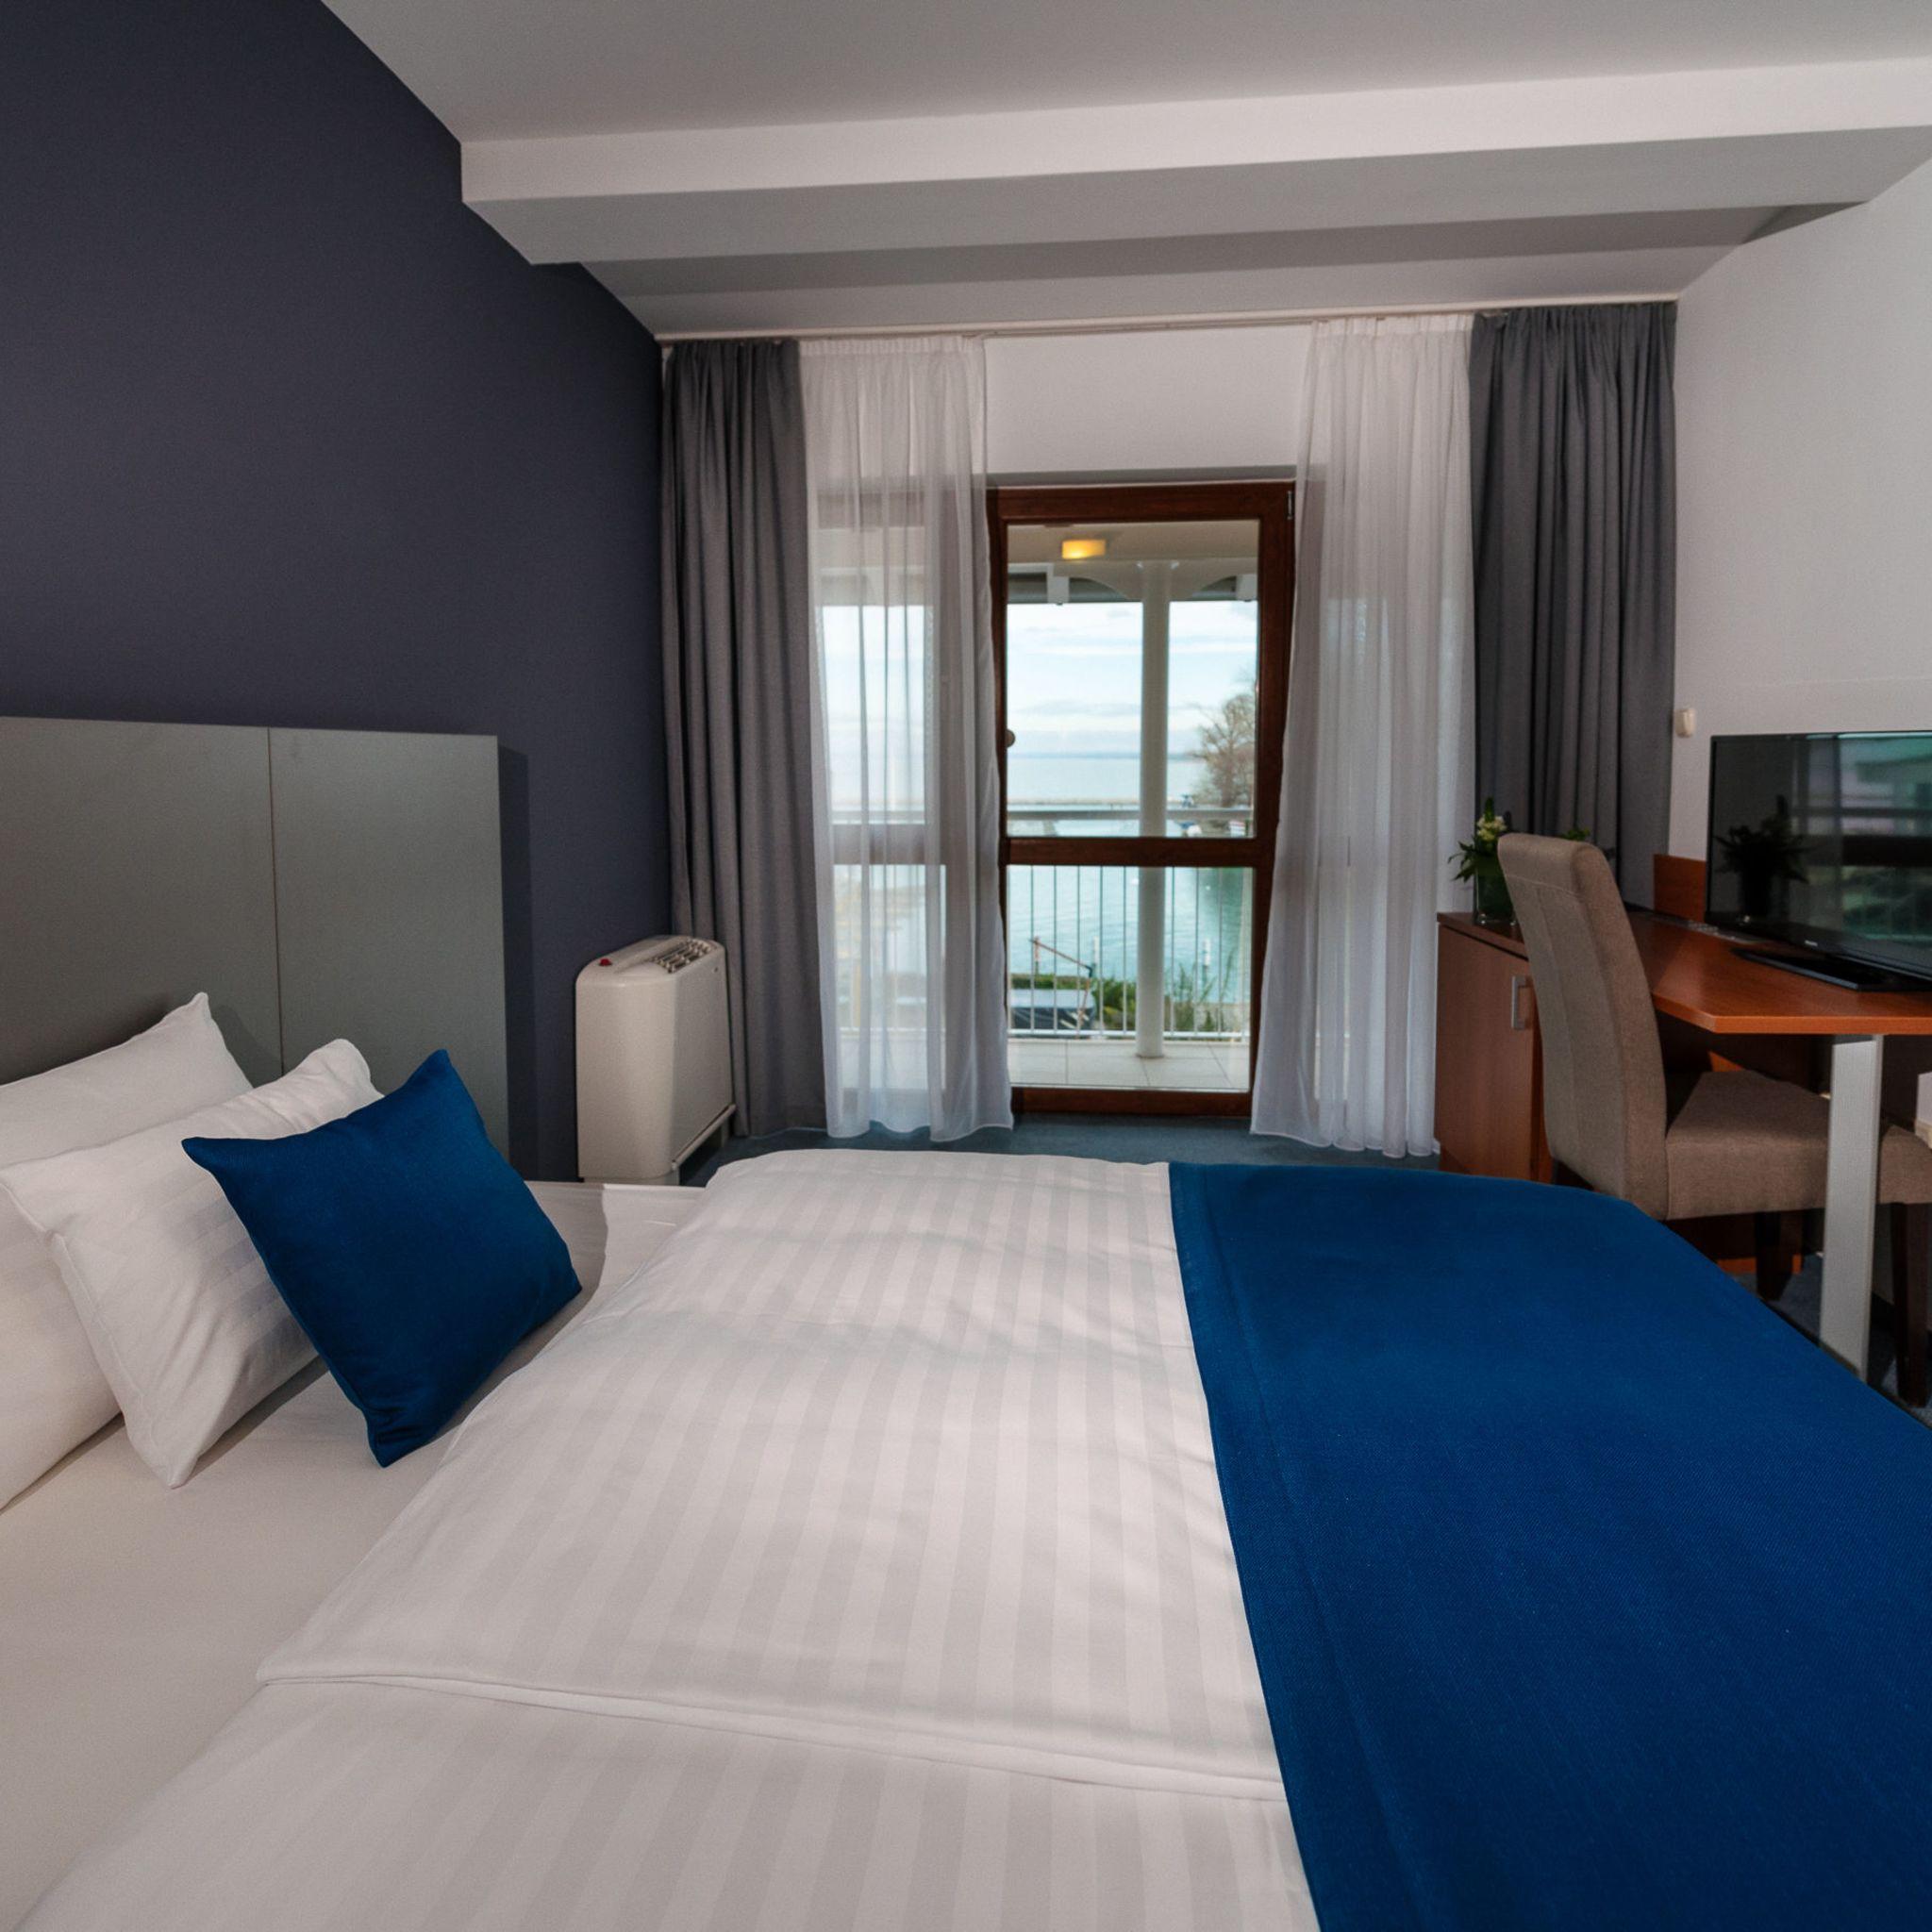 Hotel Yacht Wellness & Business Siófok - Classic kétágyas szoba